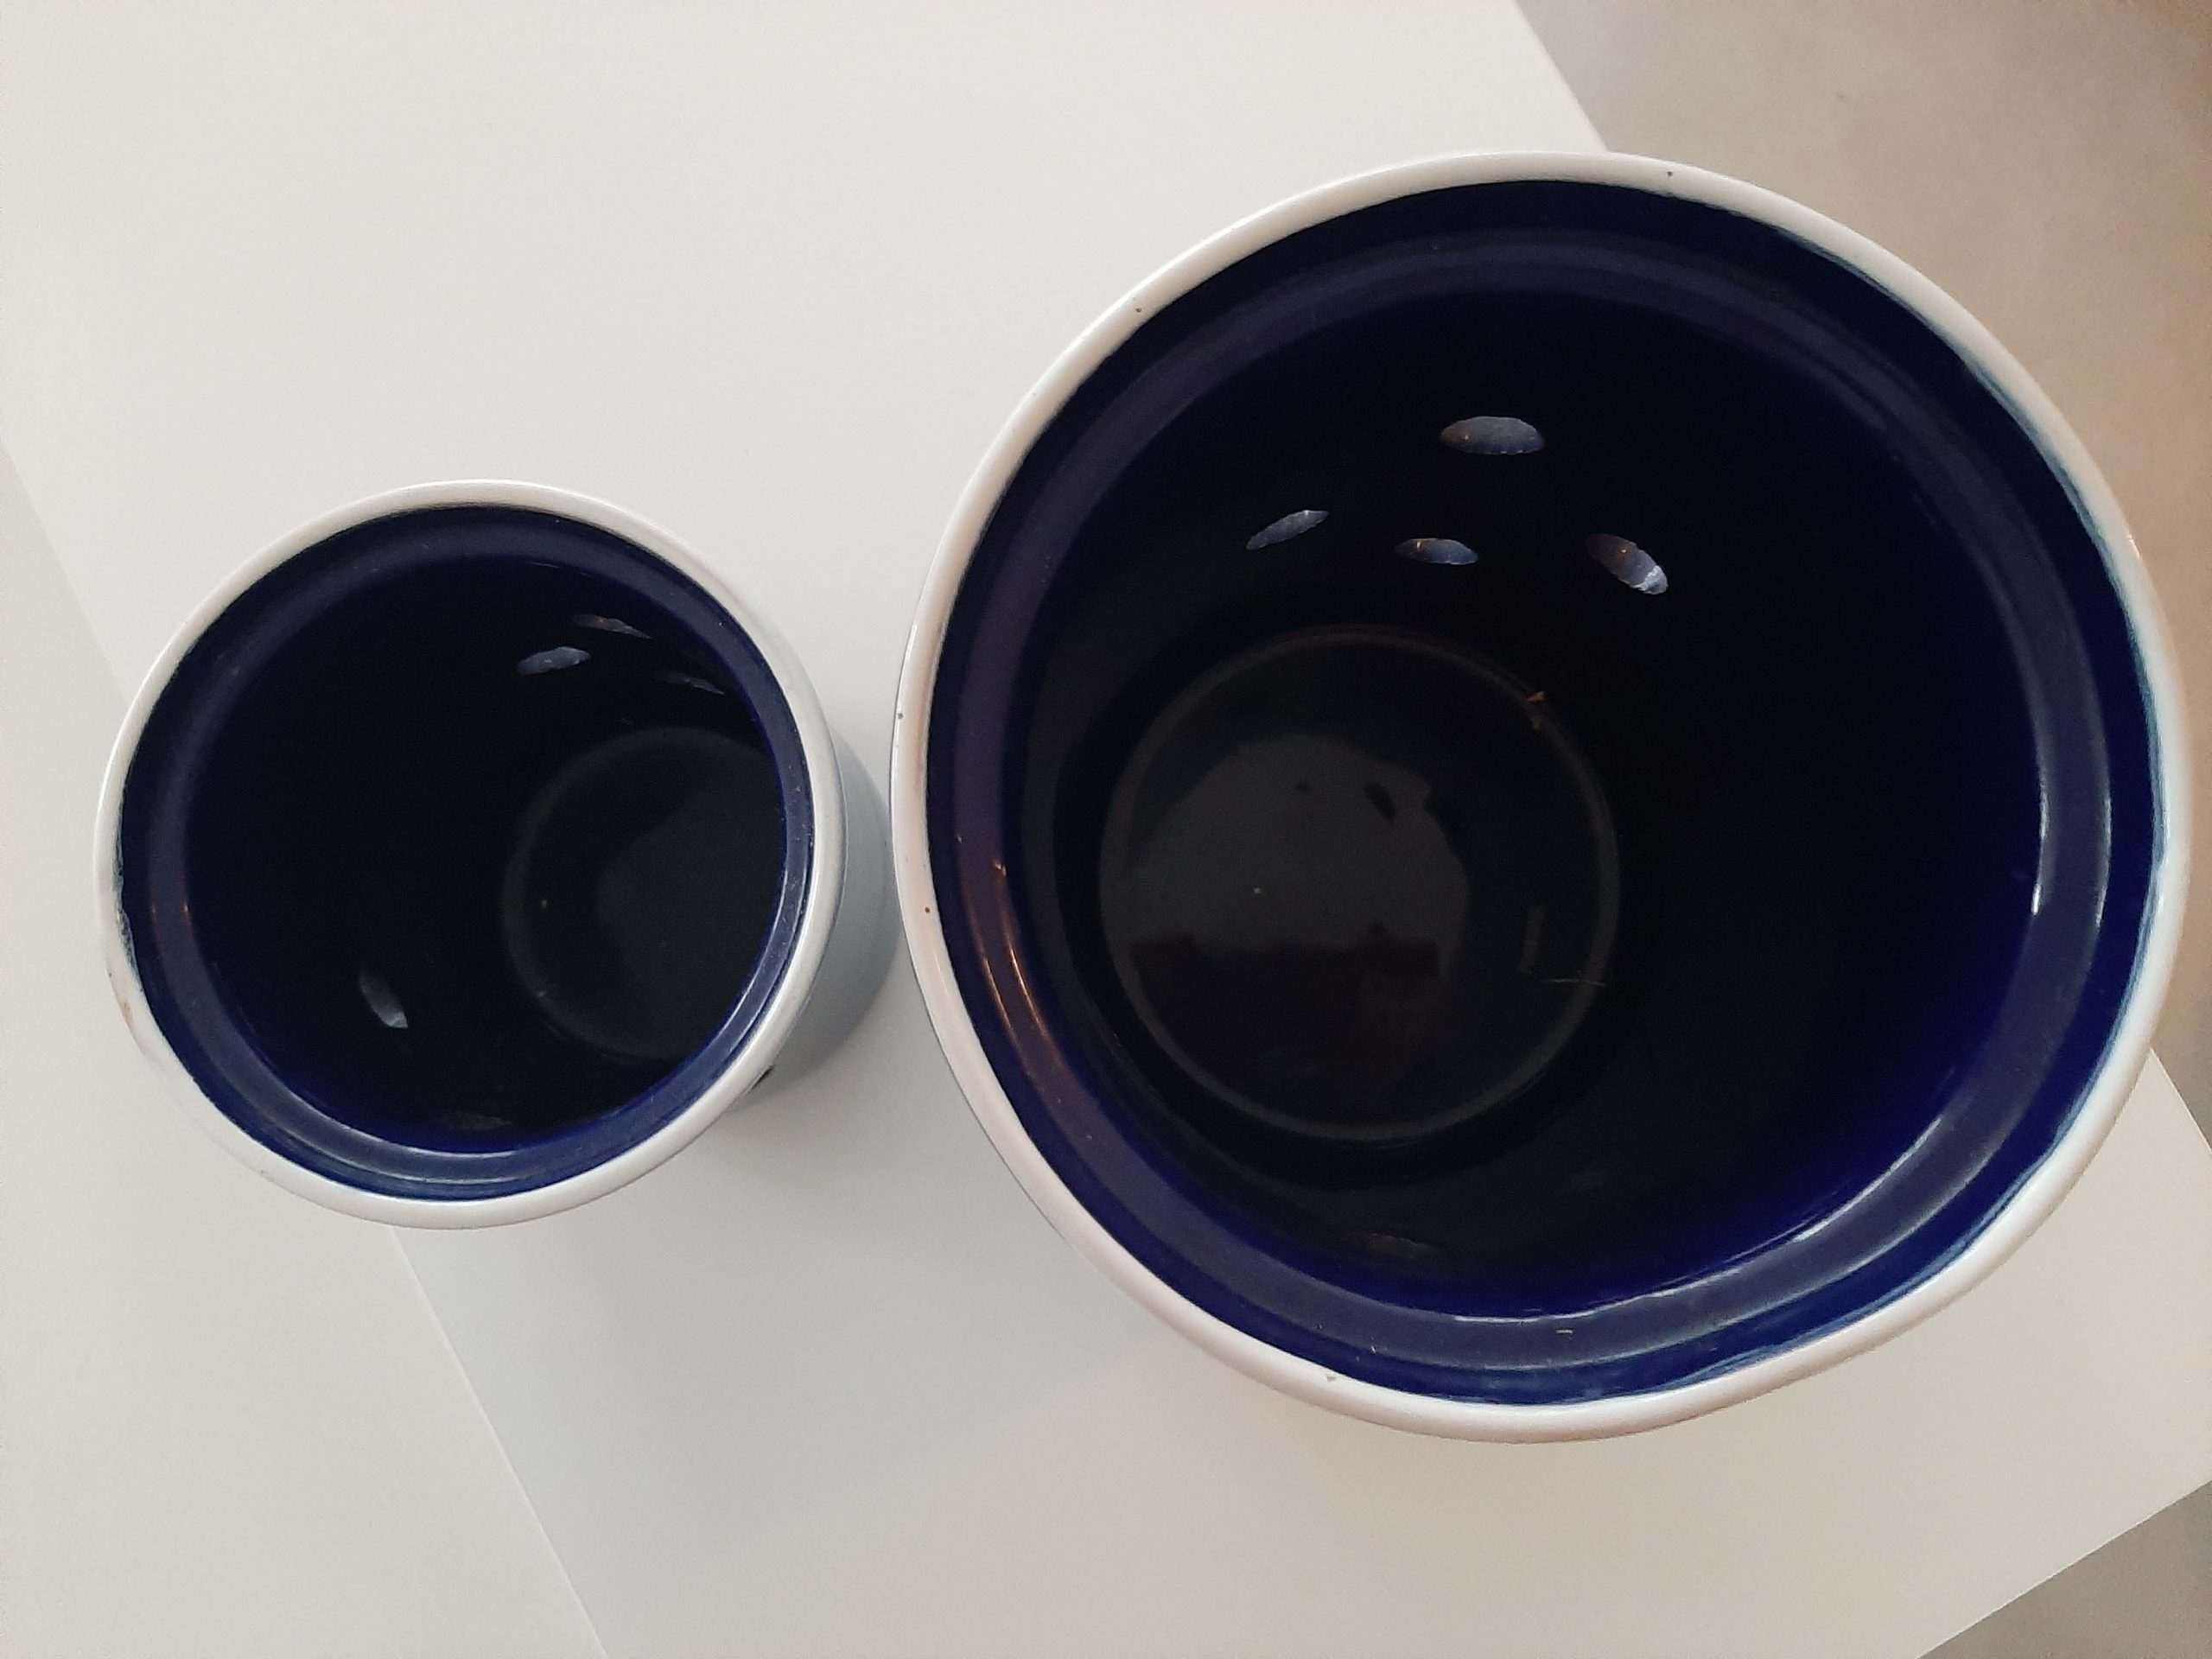 Productfoto toscaanse potten 2